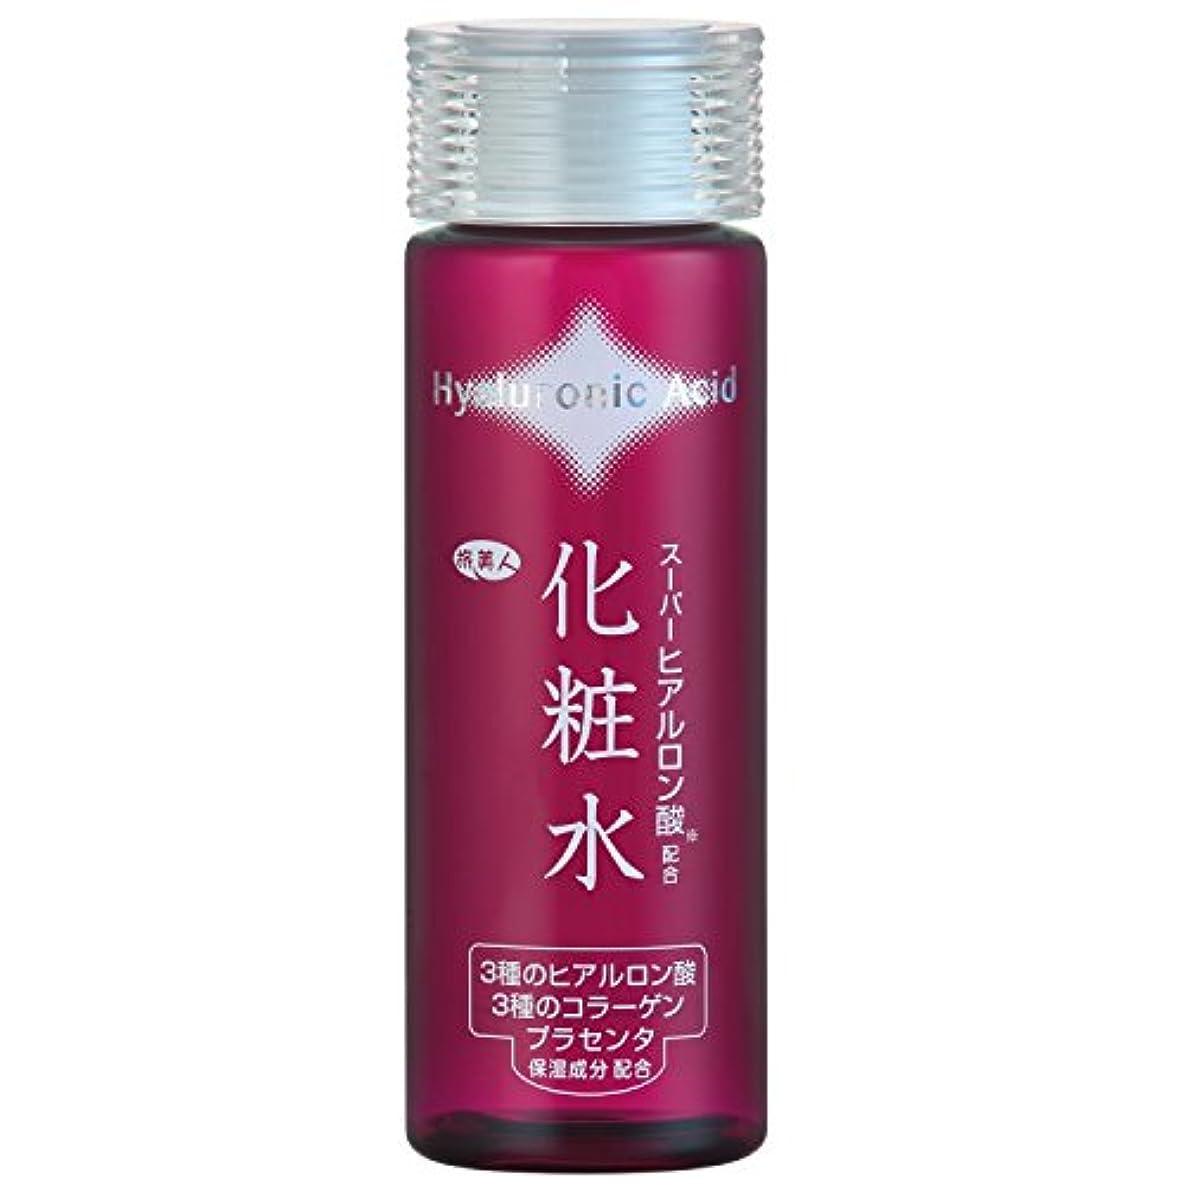 愛国的な前兆興奮するアズマ商事のスーパーヒアルロン酸配合化粧水